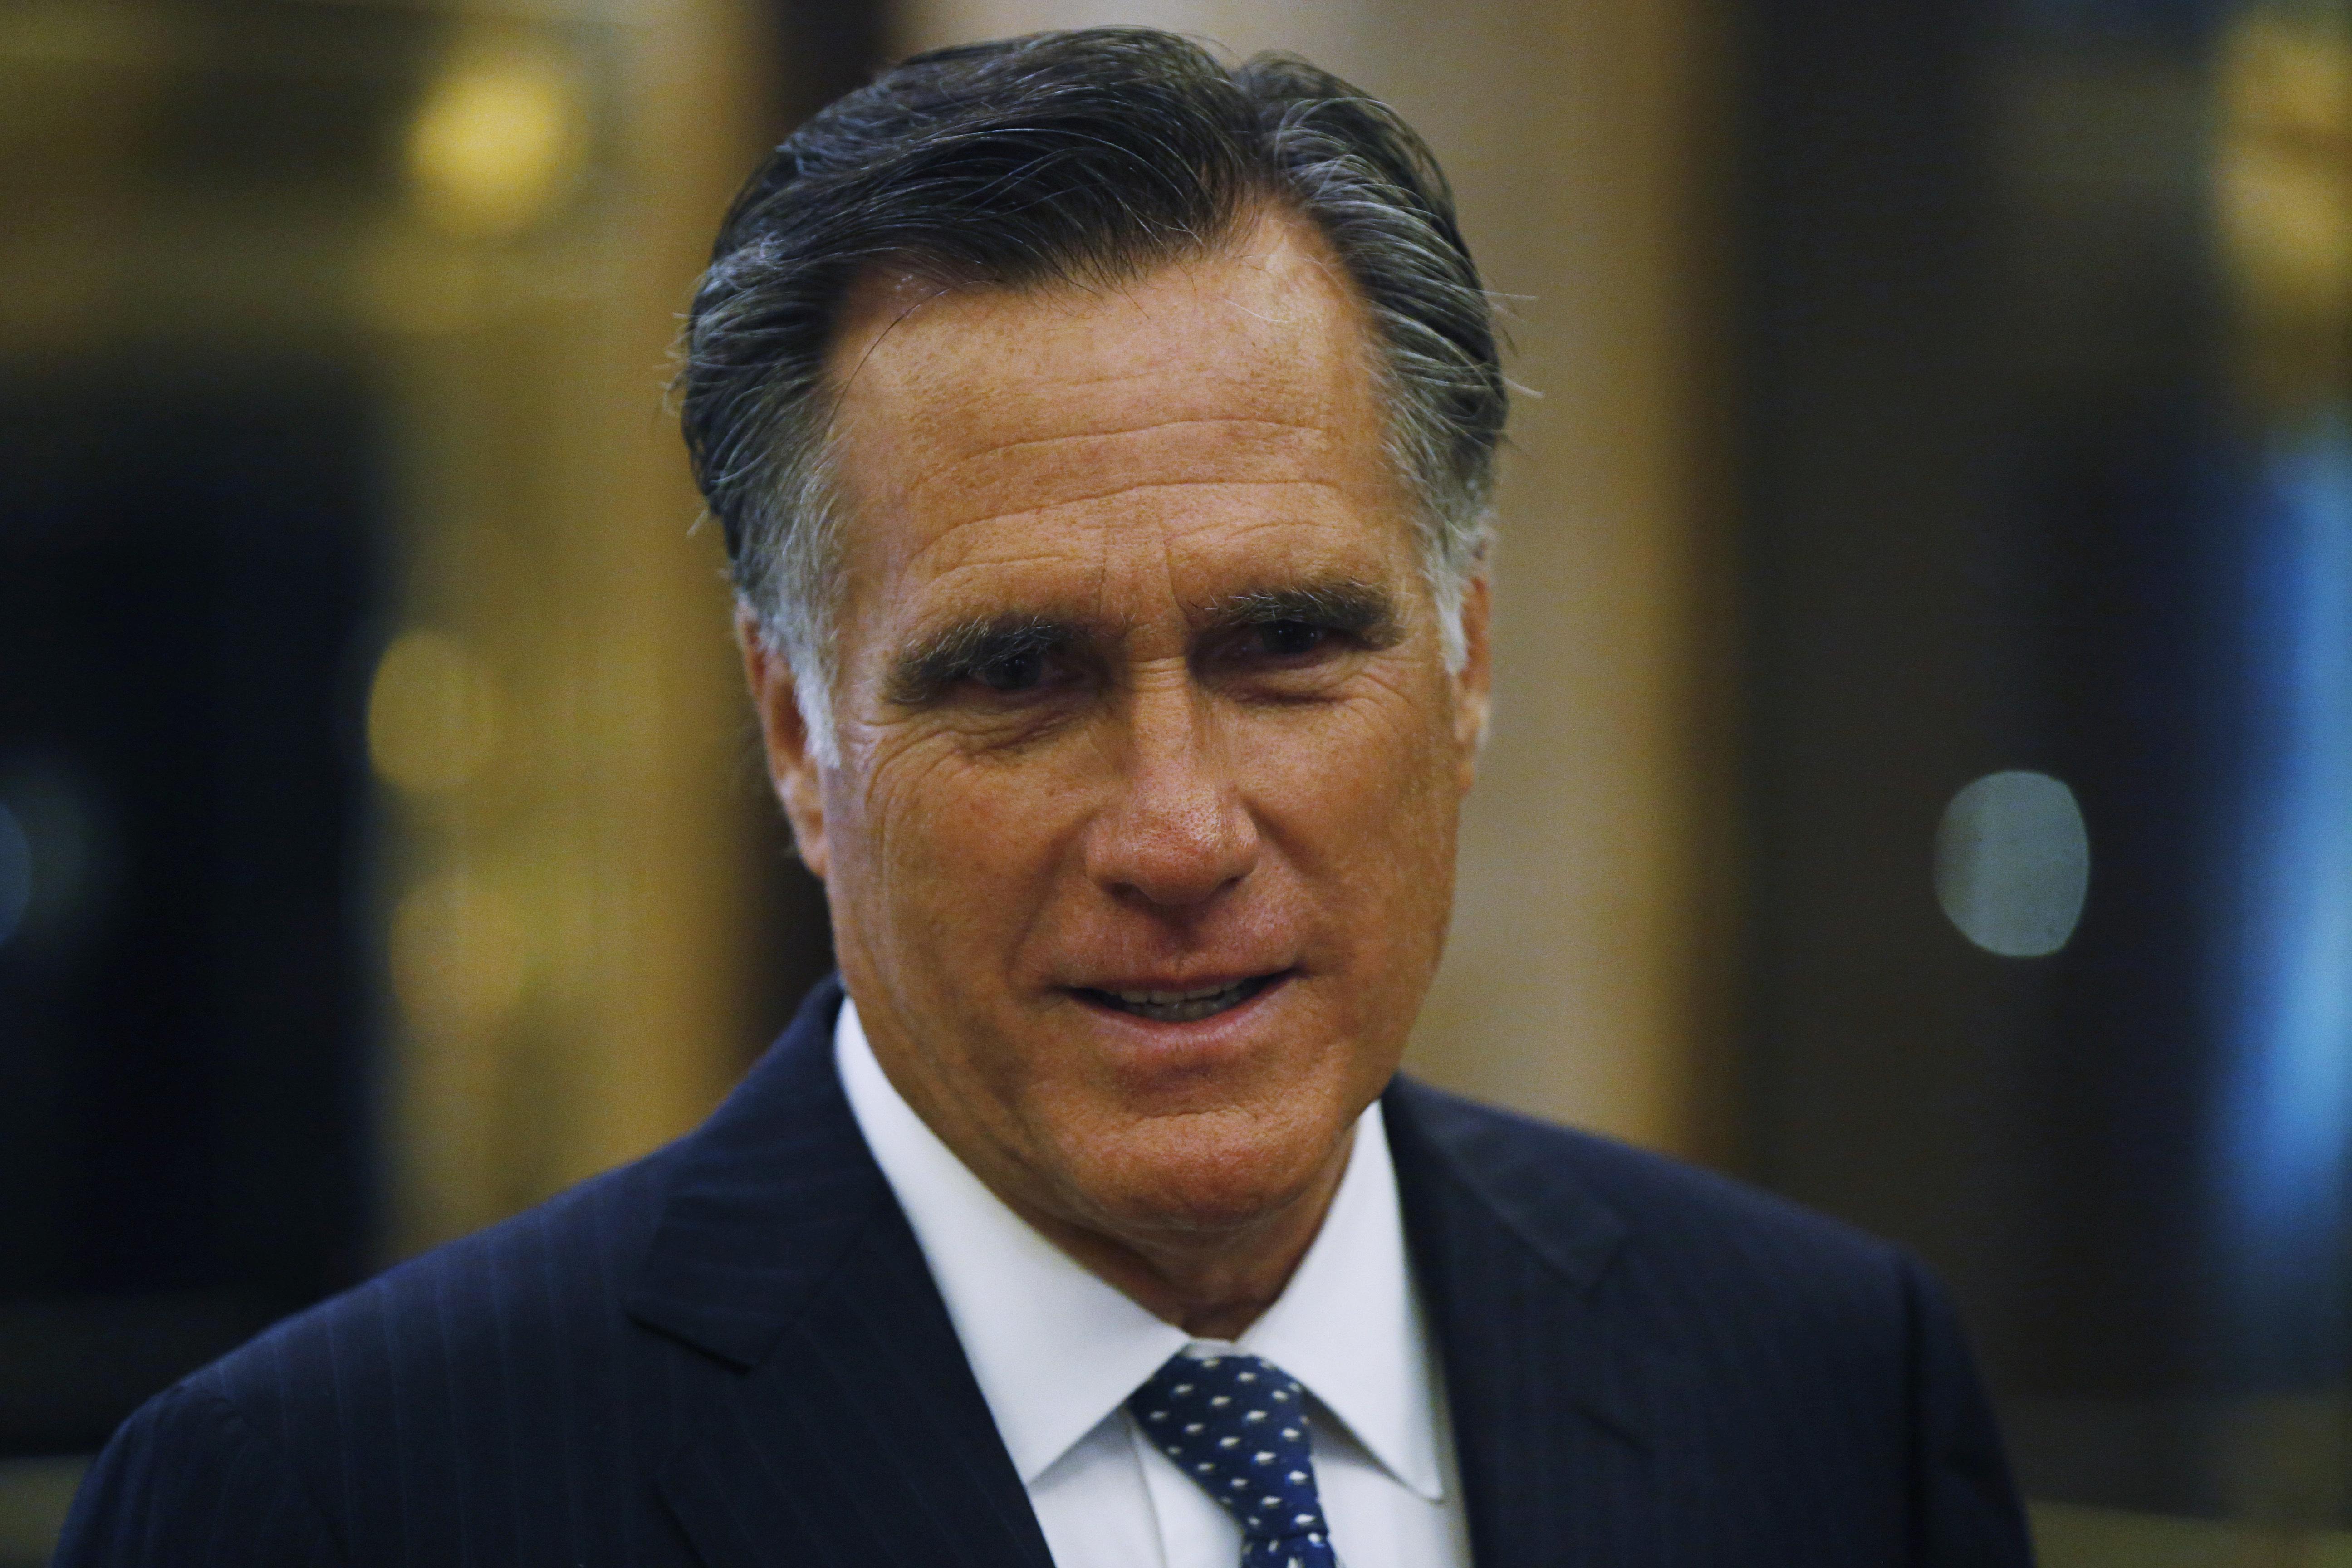 Romney Told Utah Friend 'I'm Running' For Senate